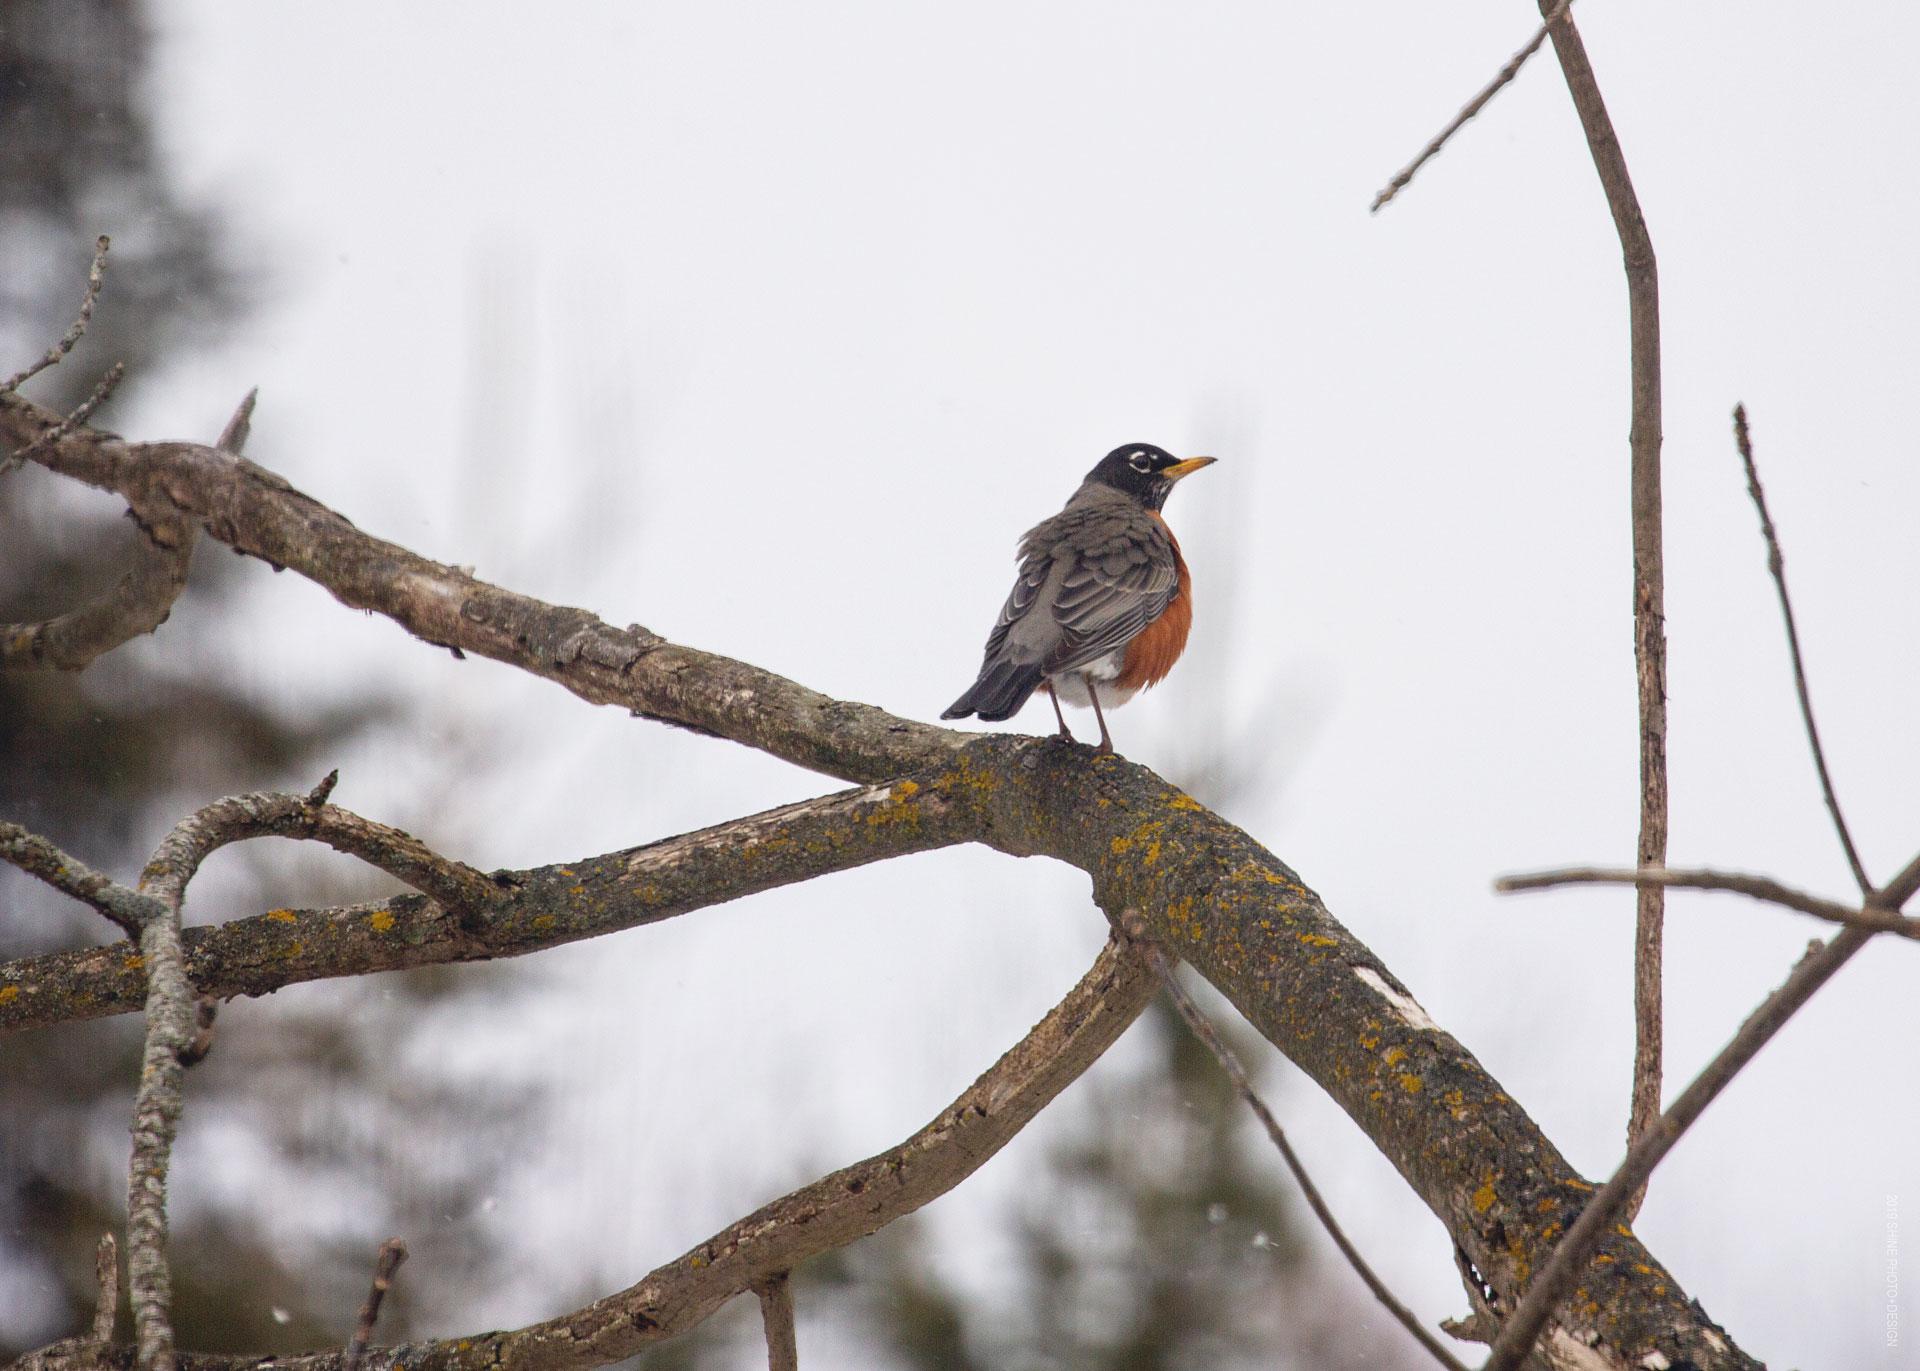 Robin by Shine Photo Design